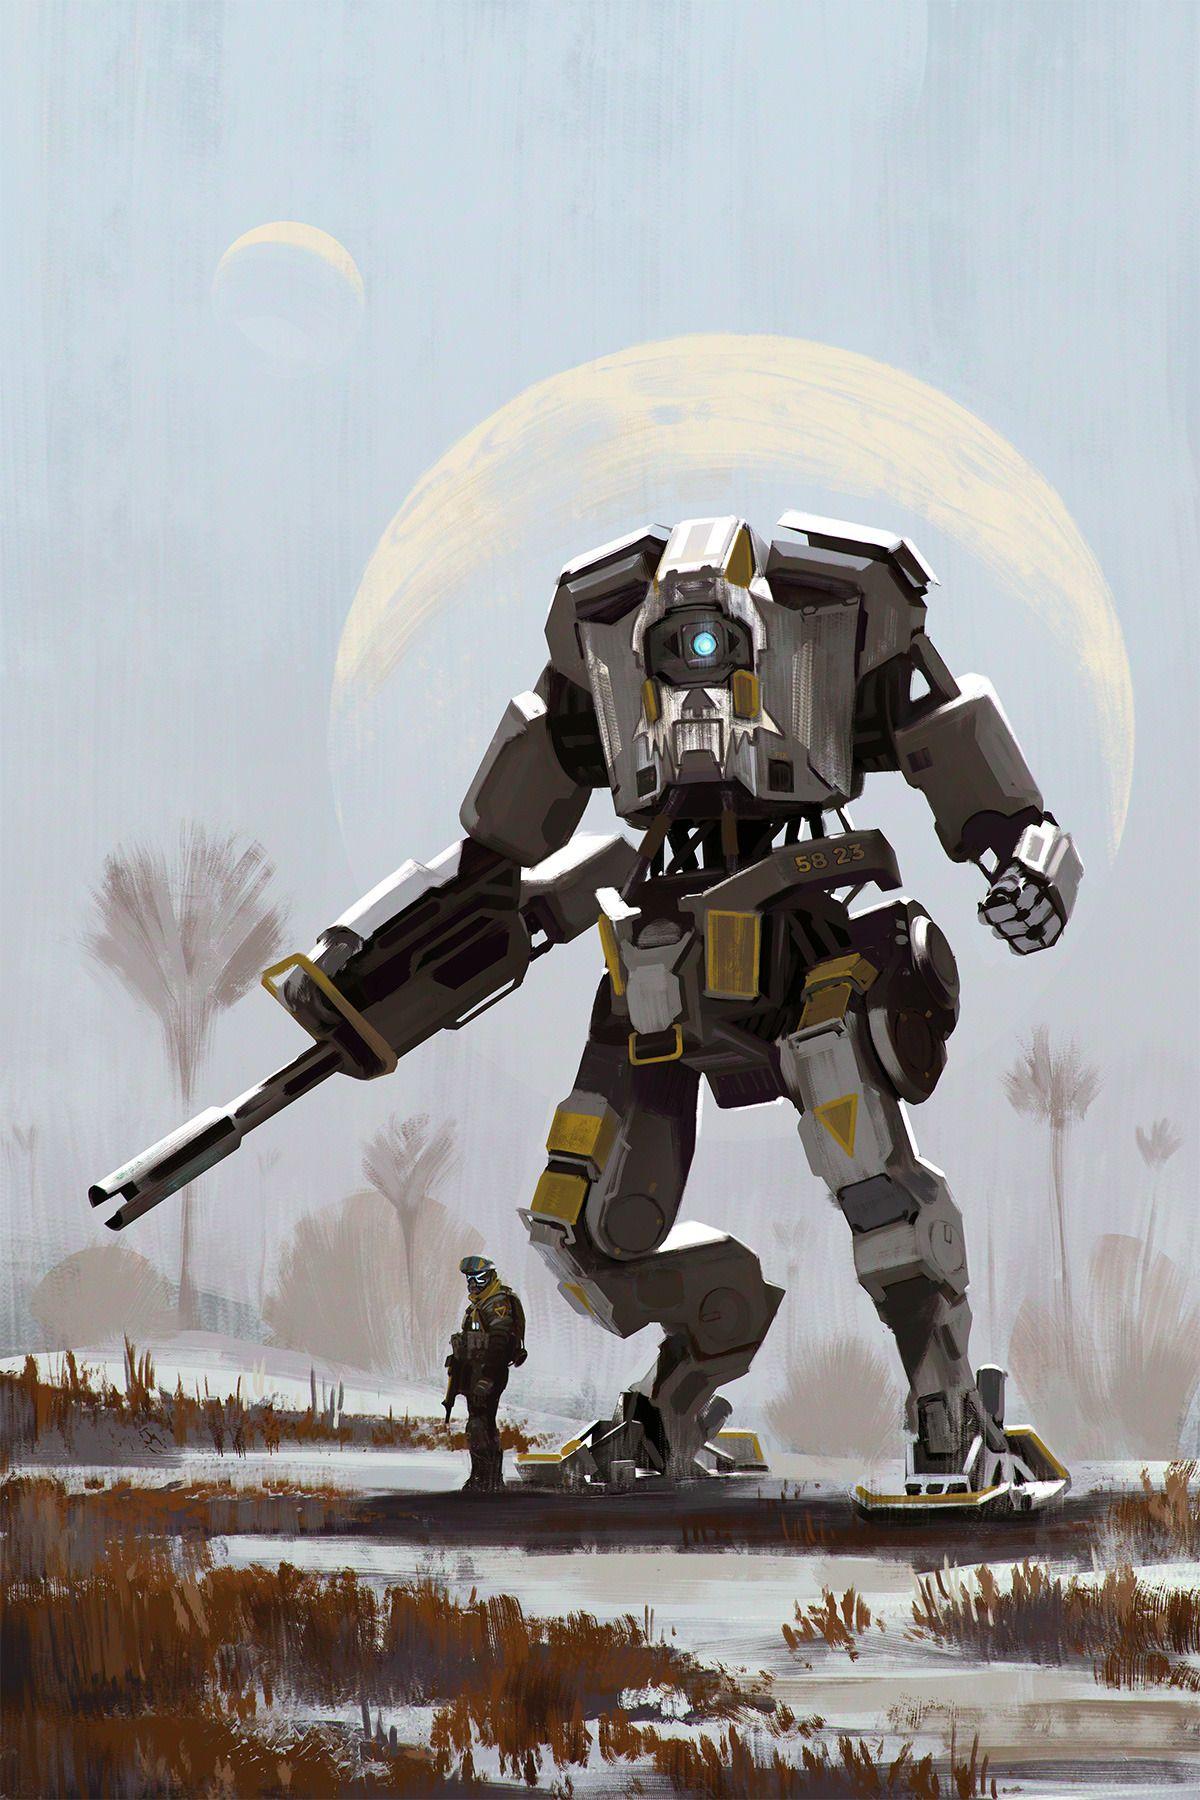 Titan fall art | Titanfall, Robot concept art, Pilots art